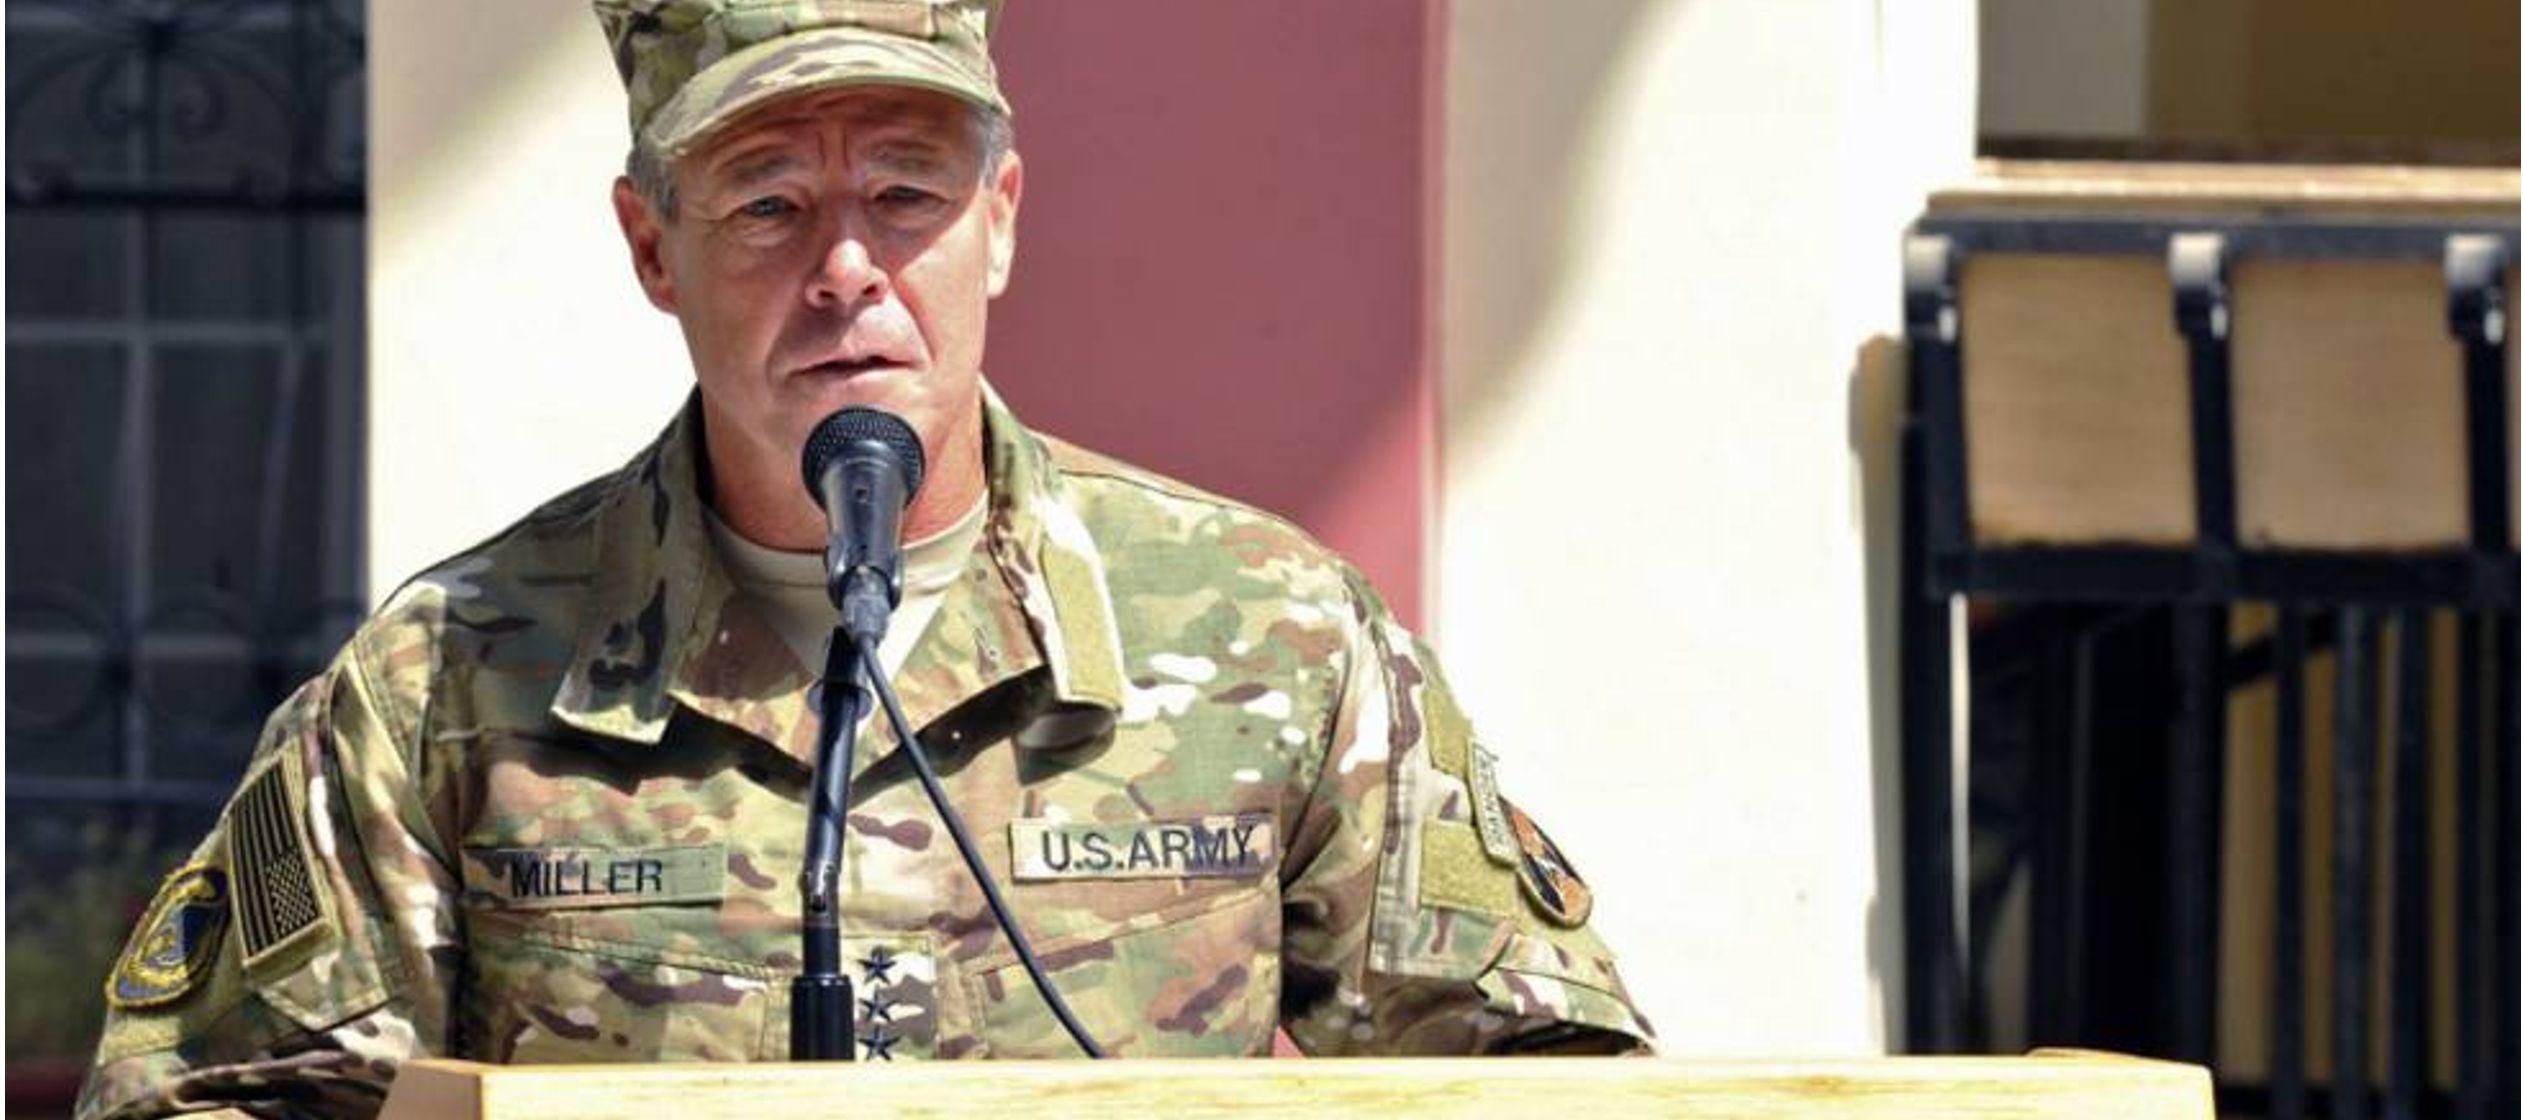 El jefe militar de EU en Afganistán escapa de un atentado talibán